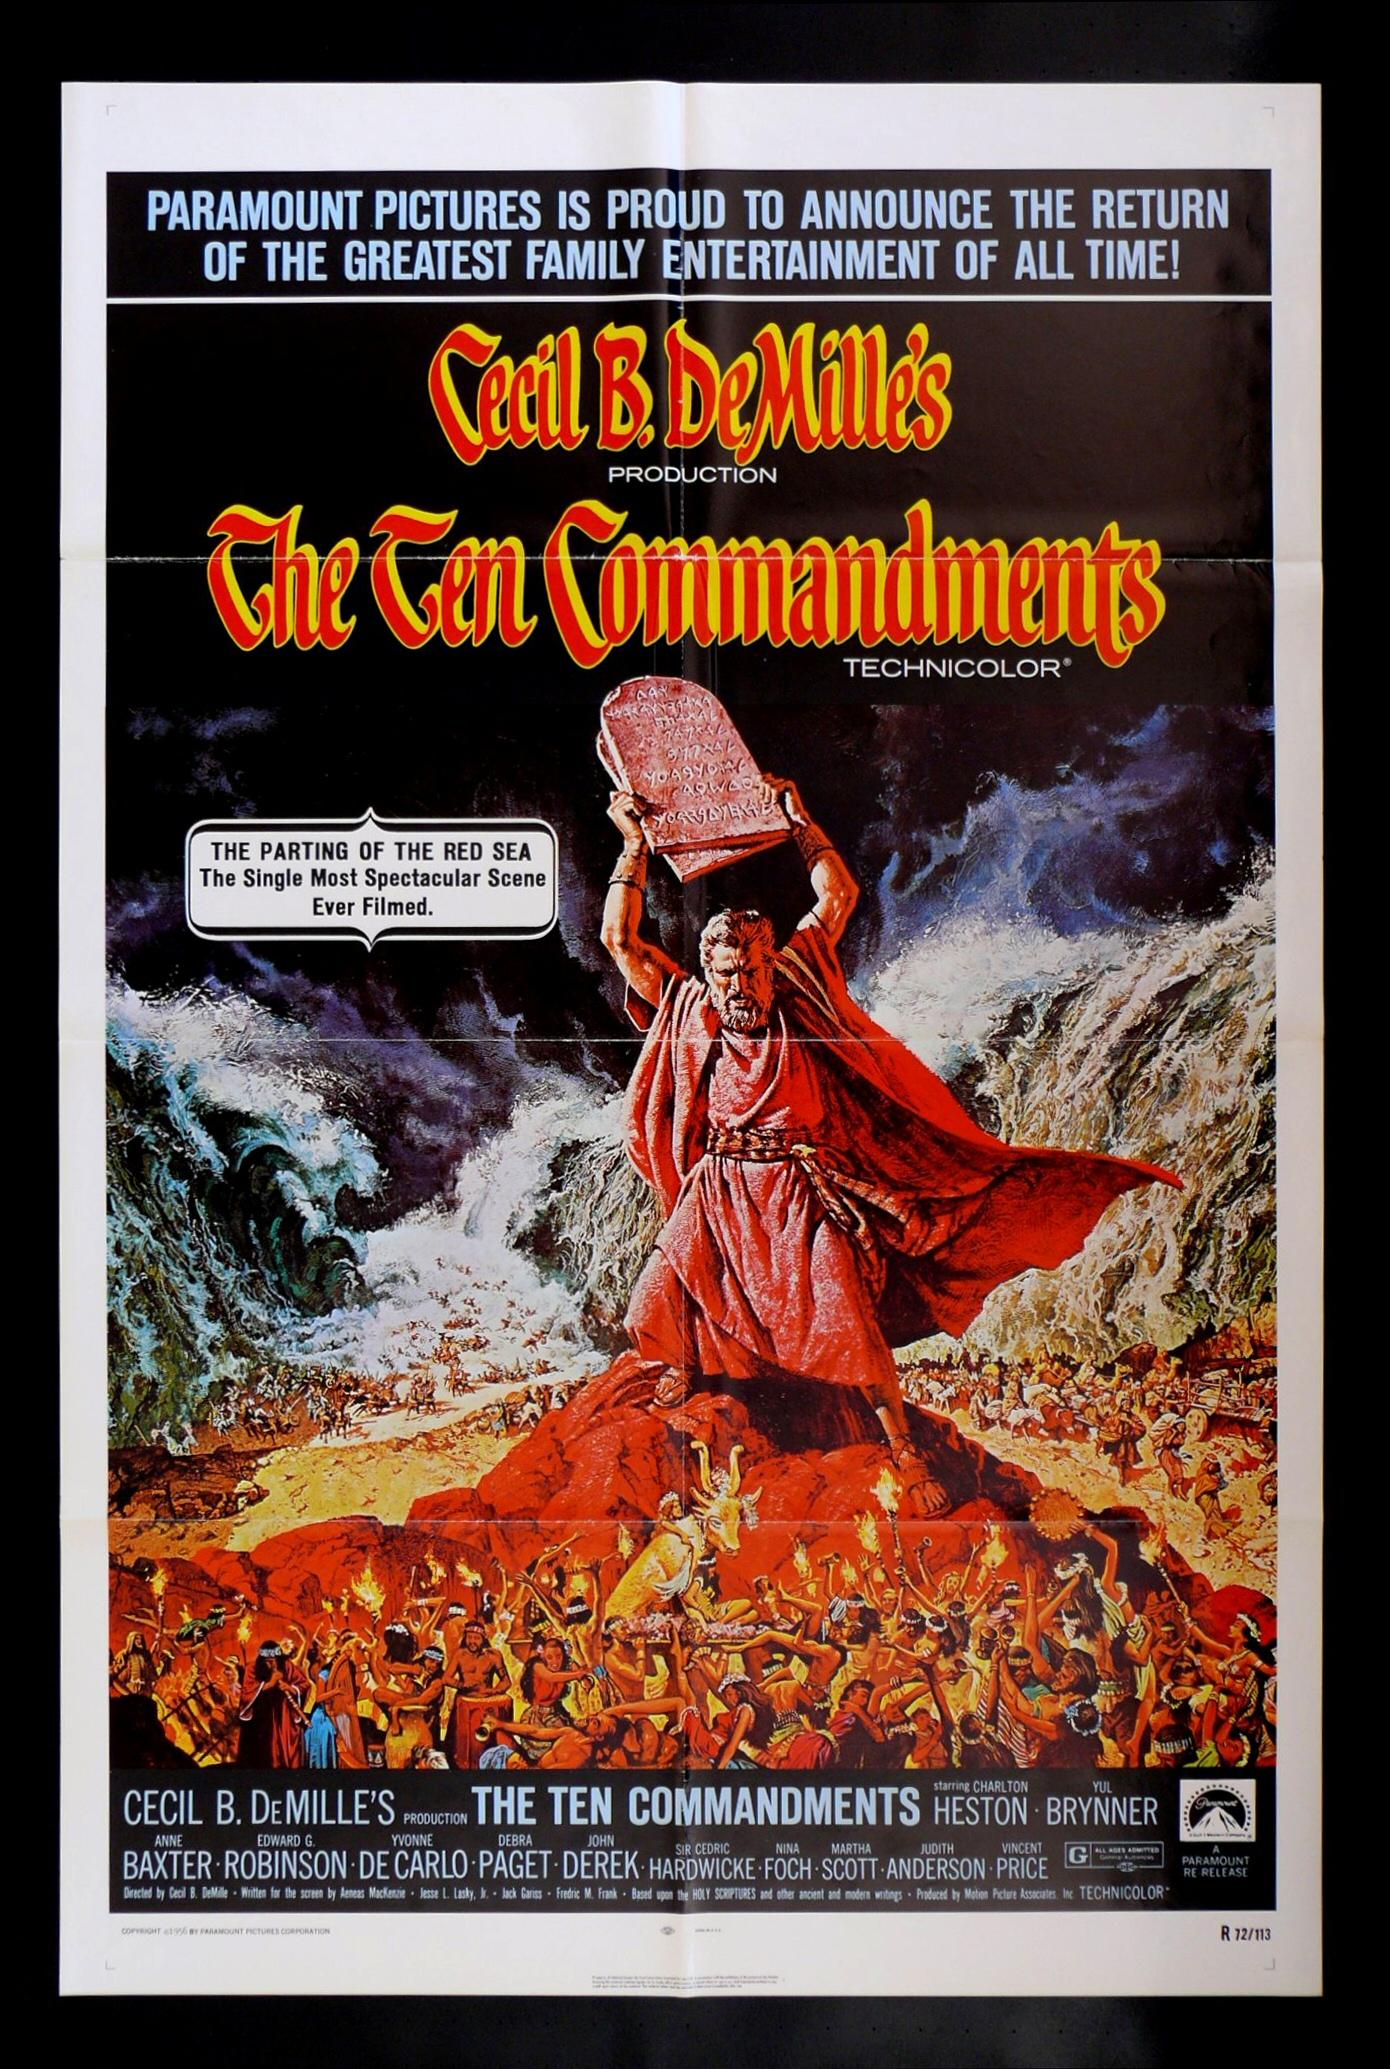 10 Commandments Movie Poster - The Ten Commandments (1956 ...